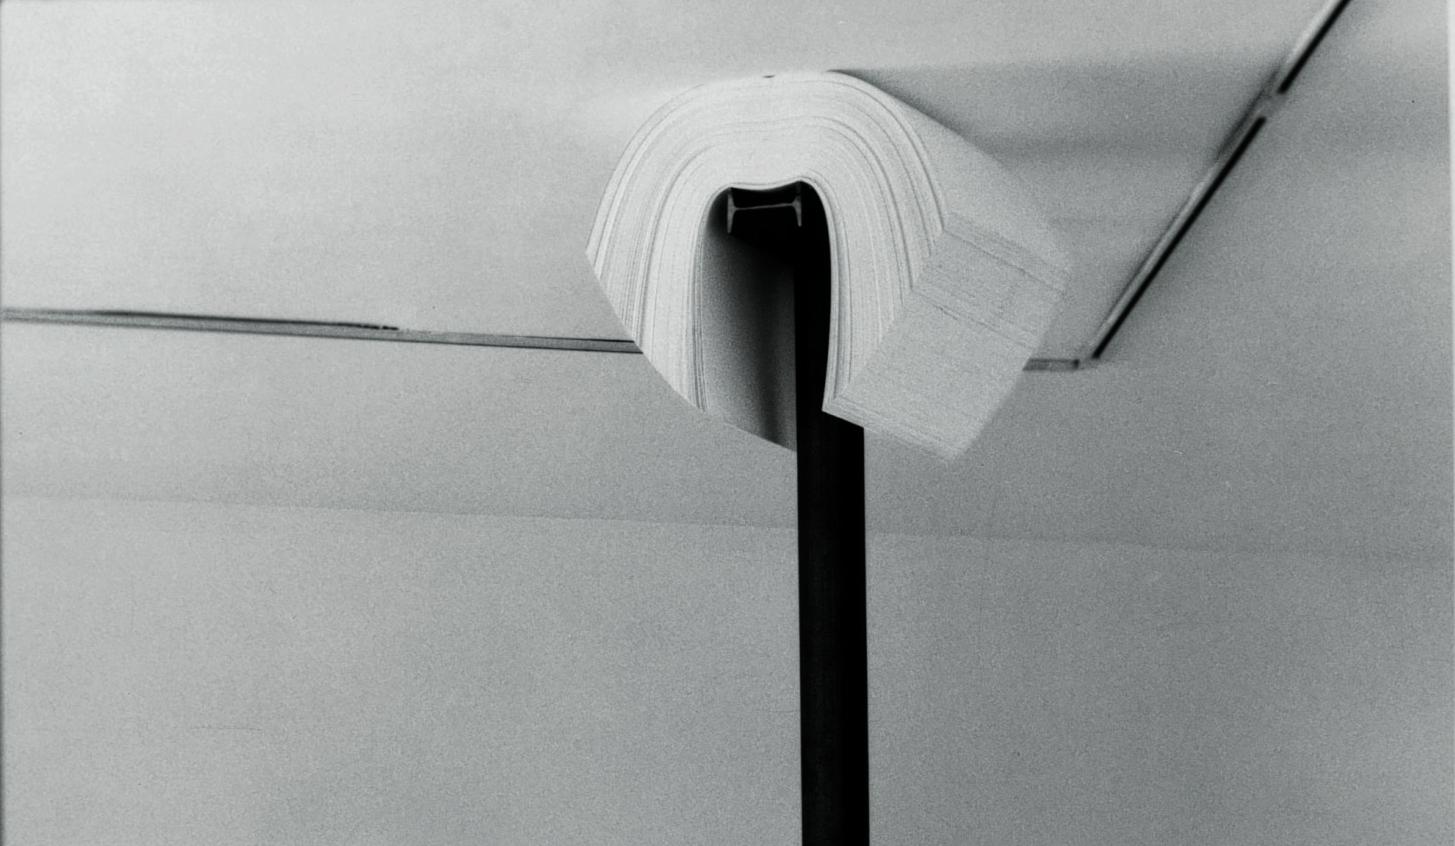 Particolare di Senza titolo, 2005, di Jannis Kounellis